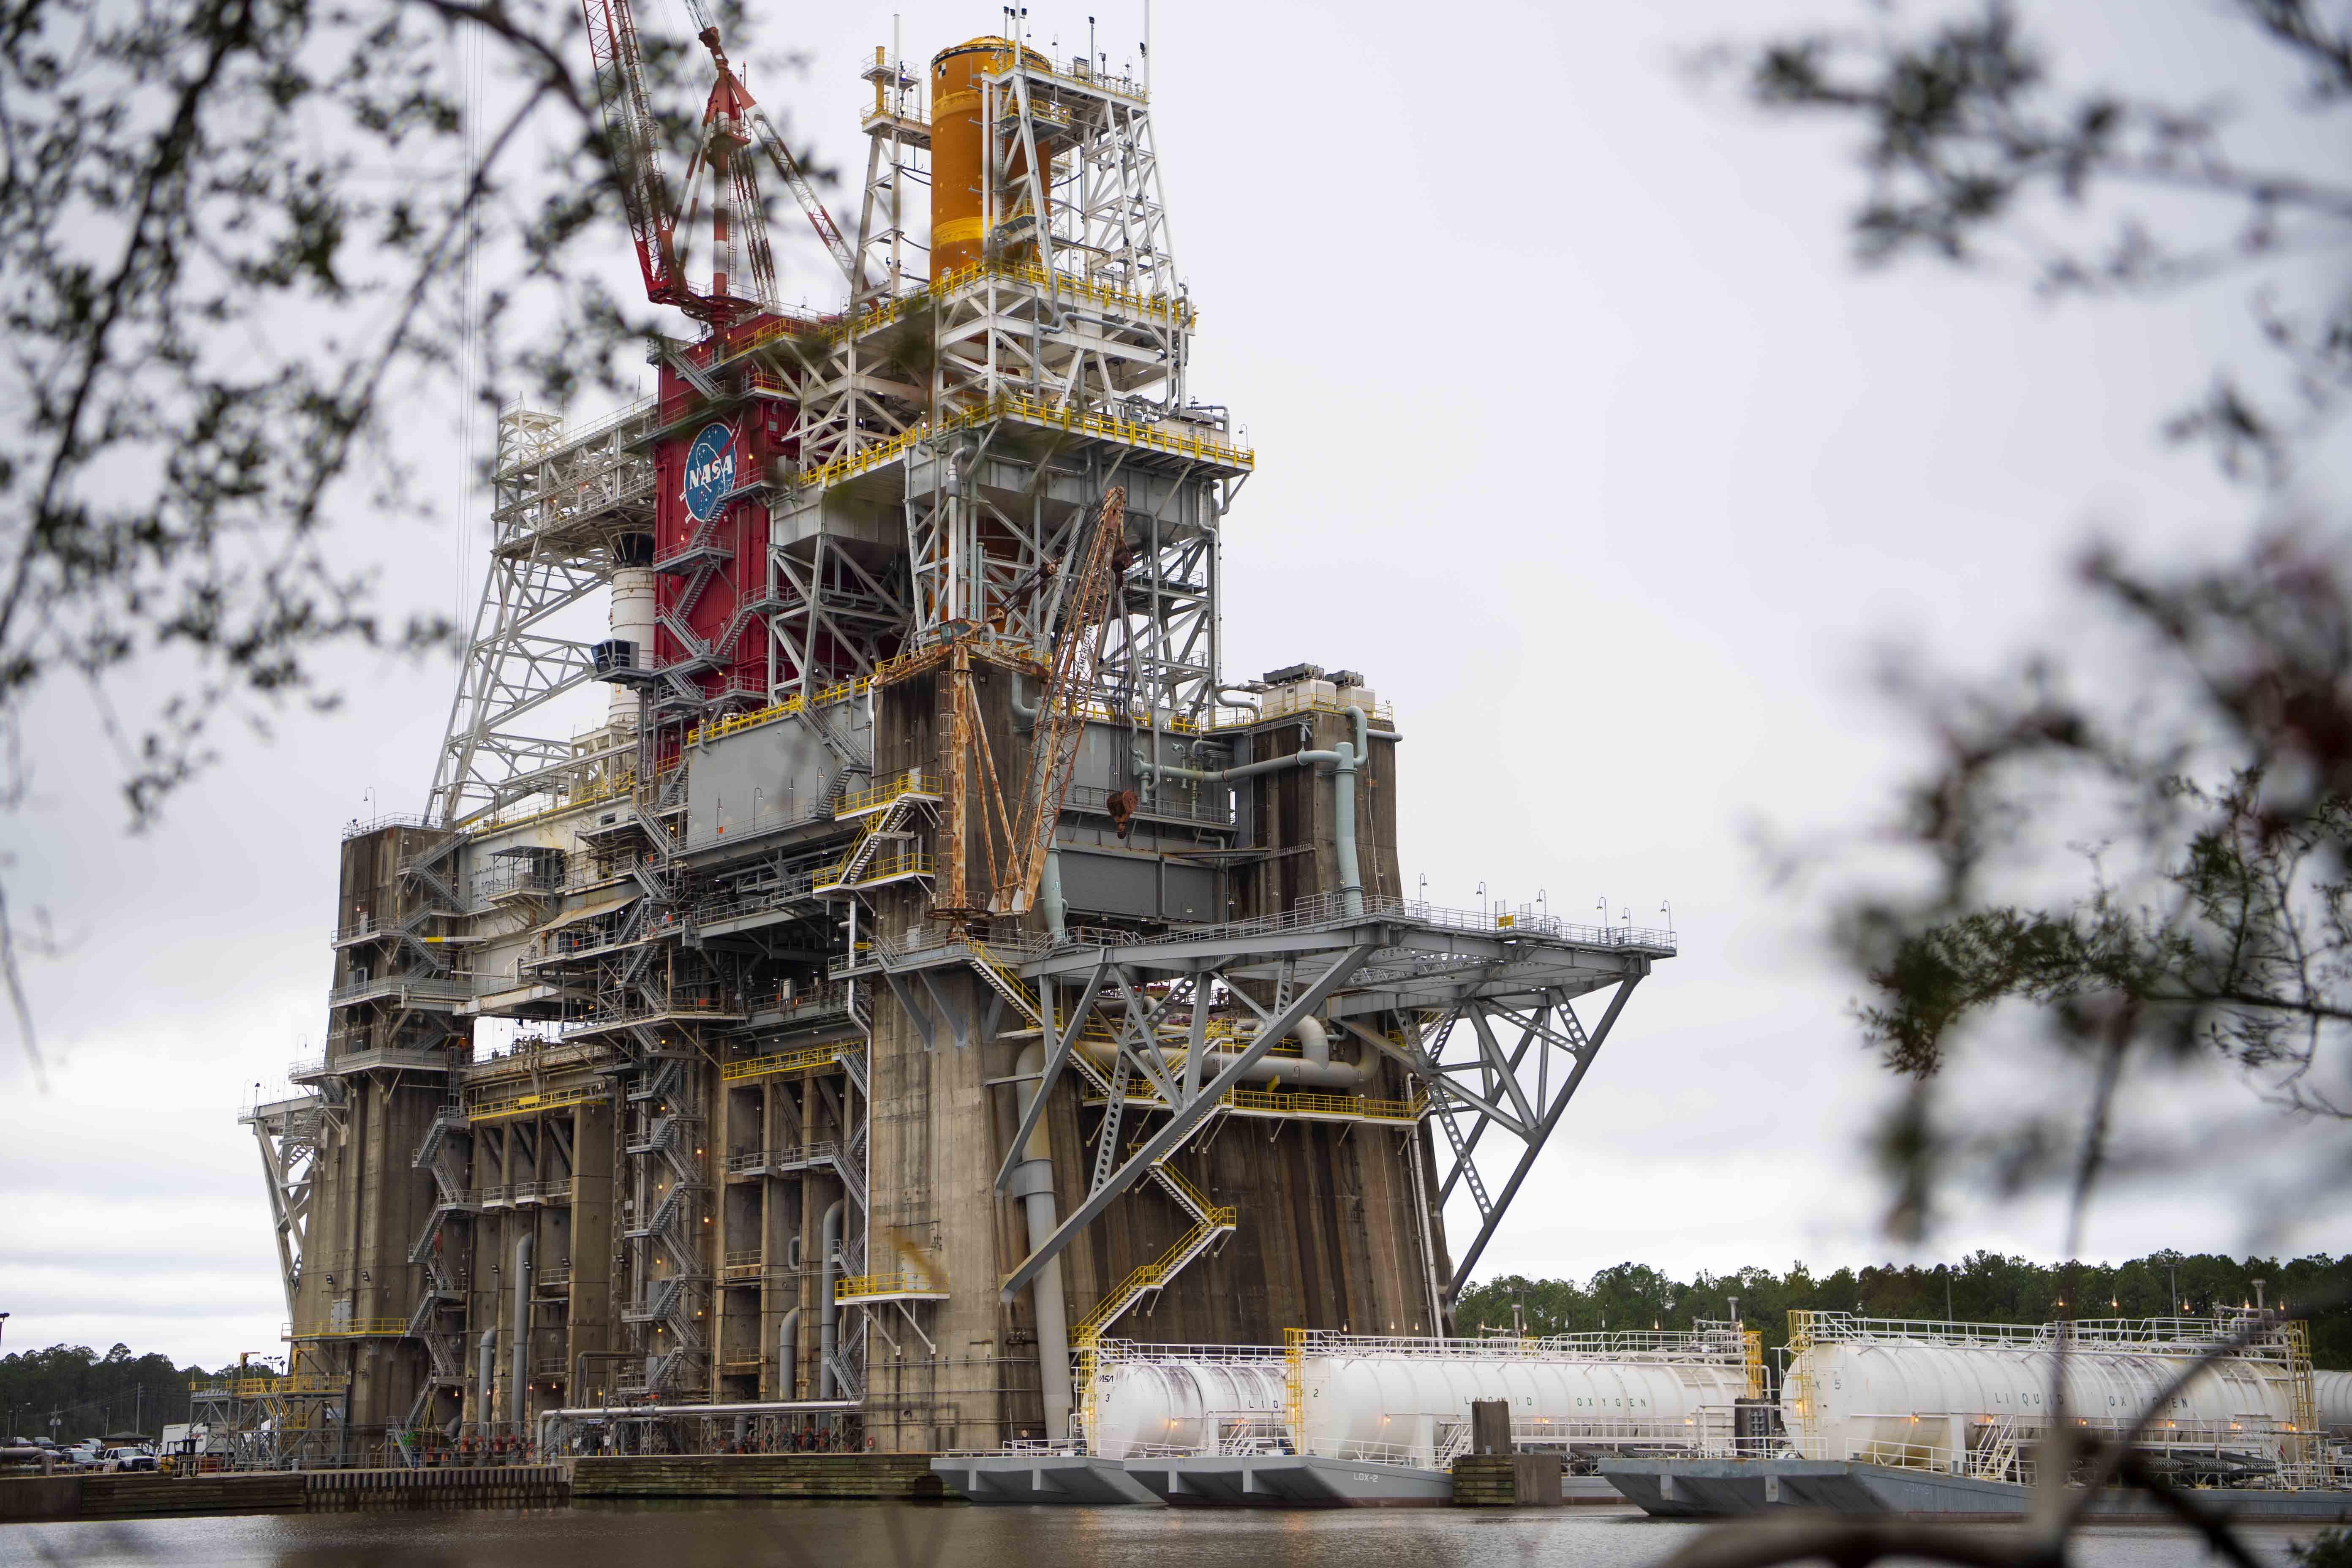 """Un total de 114 camions-citernes a livré plus de 733000 gallons d'hydrogène liquide et d'oxygène liquide au banc d'essai B-2 du centre spatial Stennis de la NASA pour le septième """"piste verte"""" test de la fusée SLS de la NASA."""